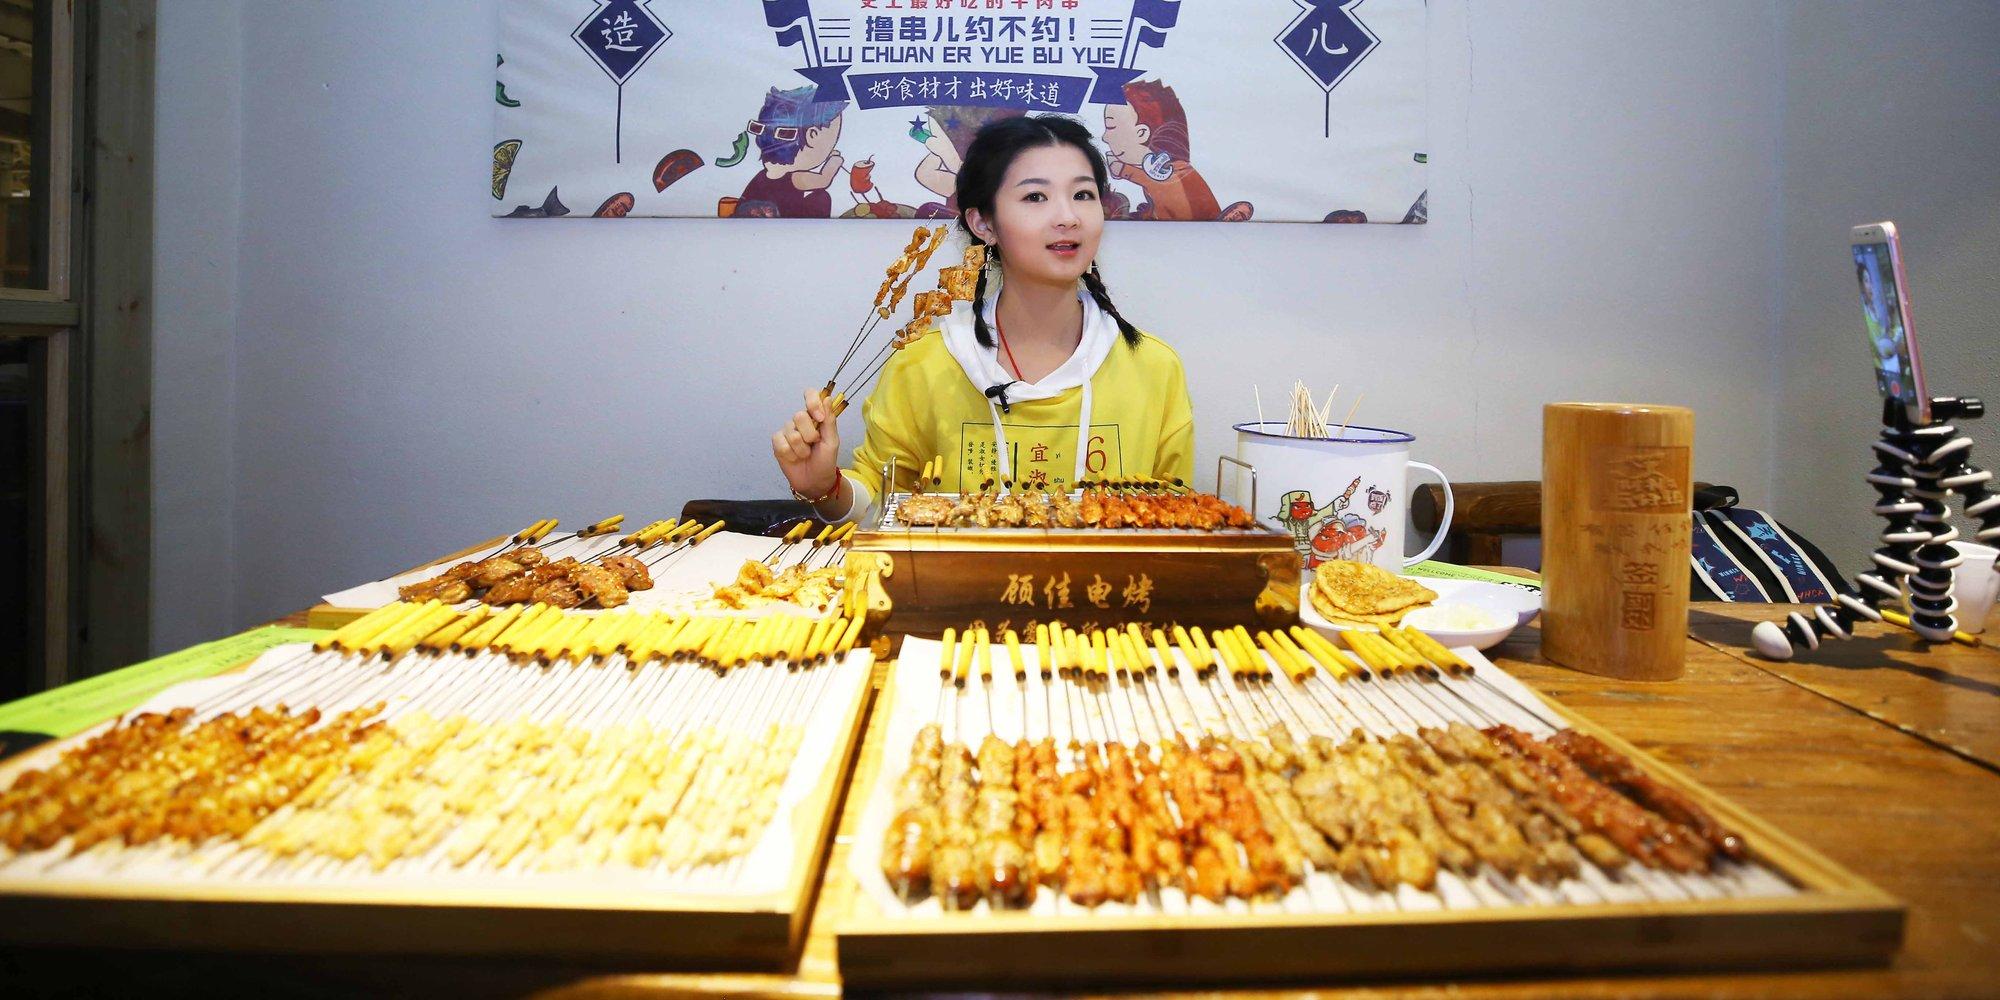 【燕女郎】45公斤美女大胃王:月入过万只够吃饭